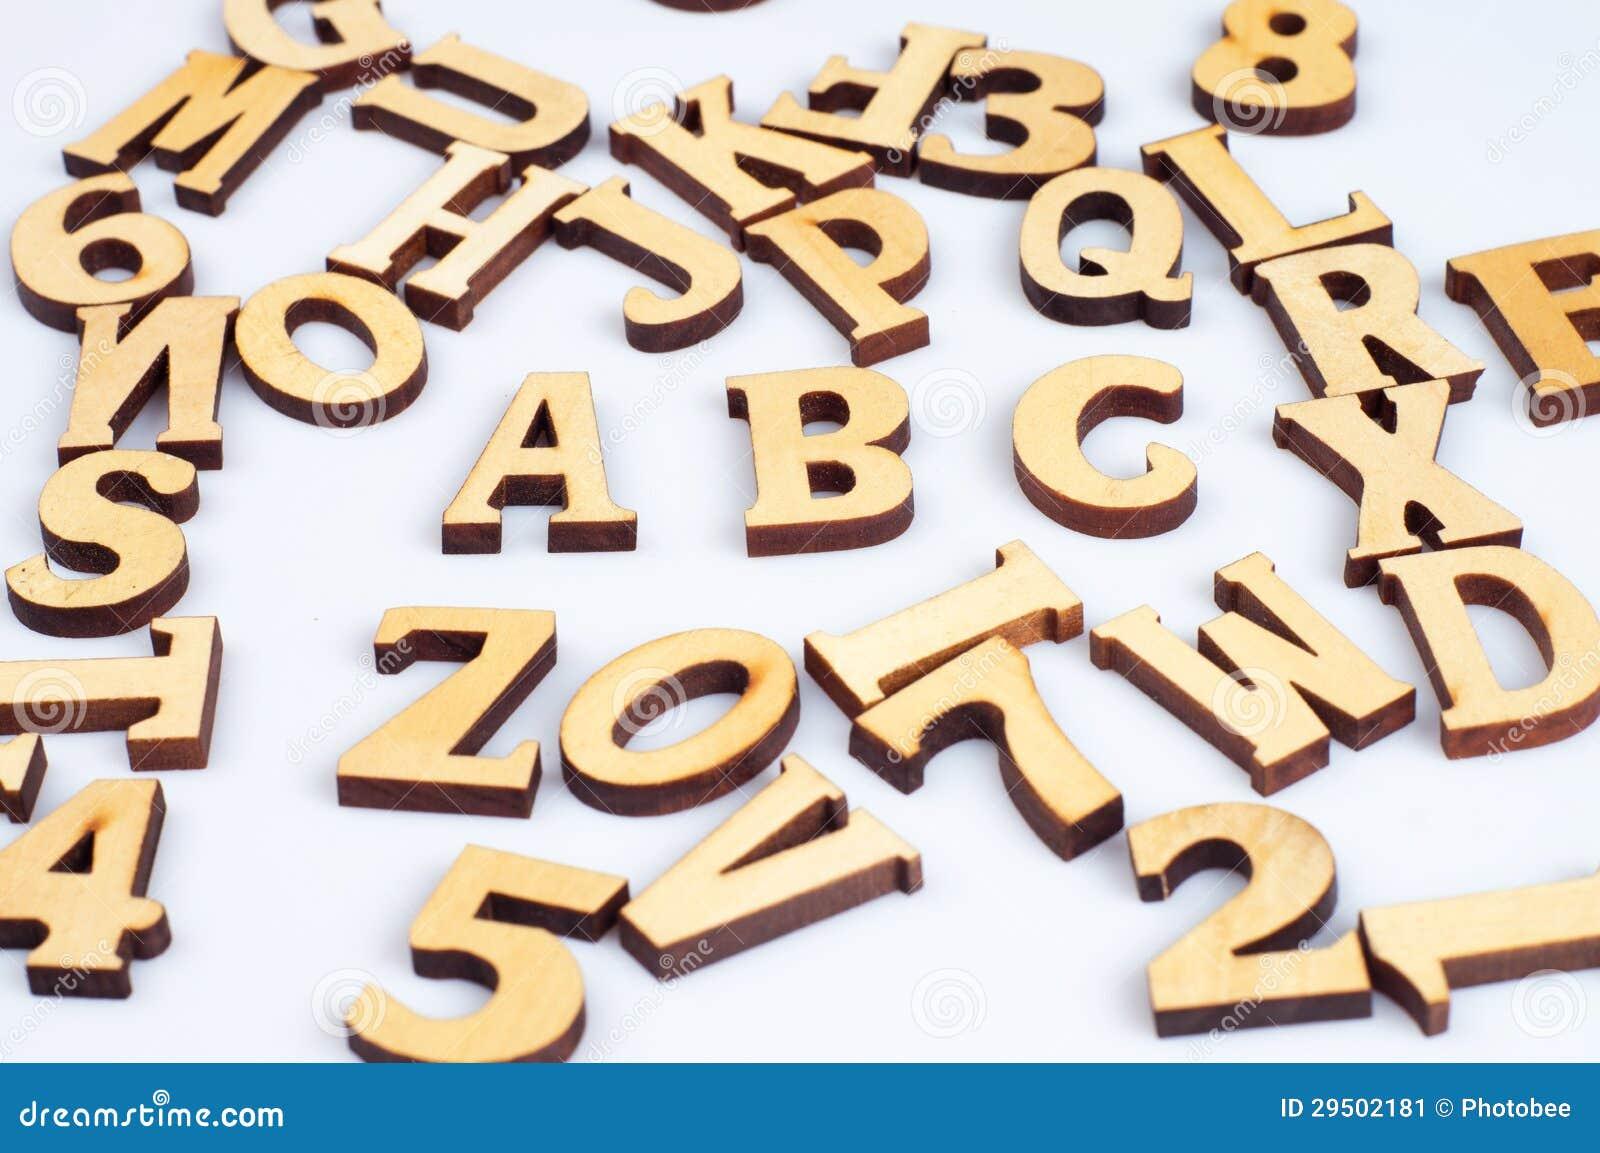 Più immagini stock simili di ` Lettere di legno di ABC `